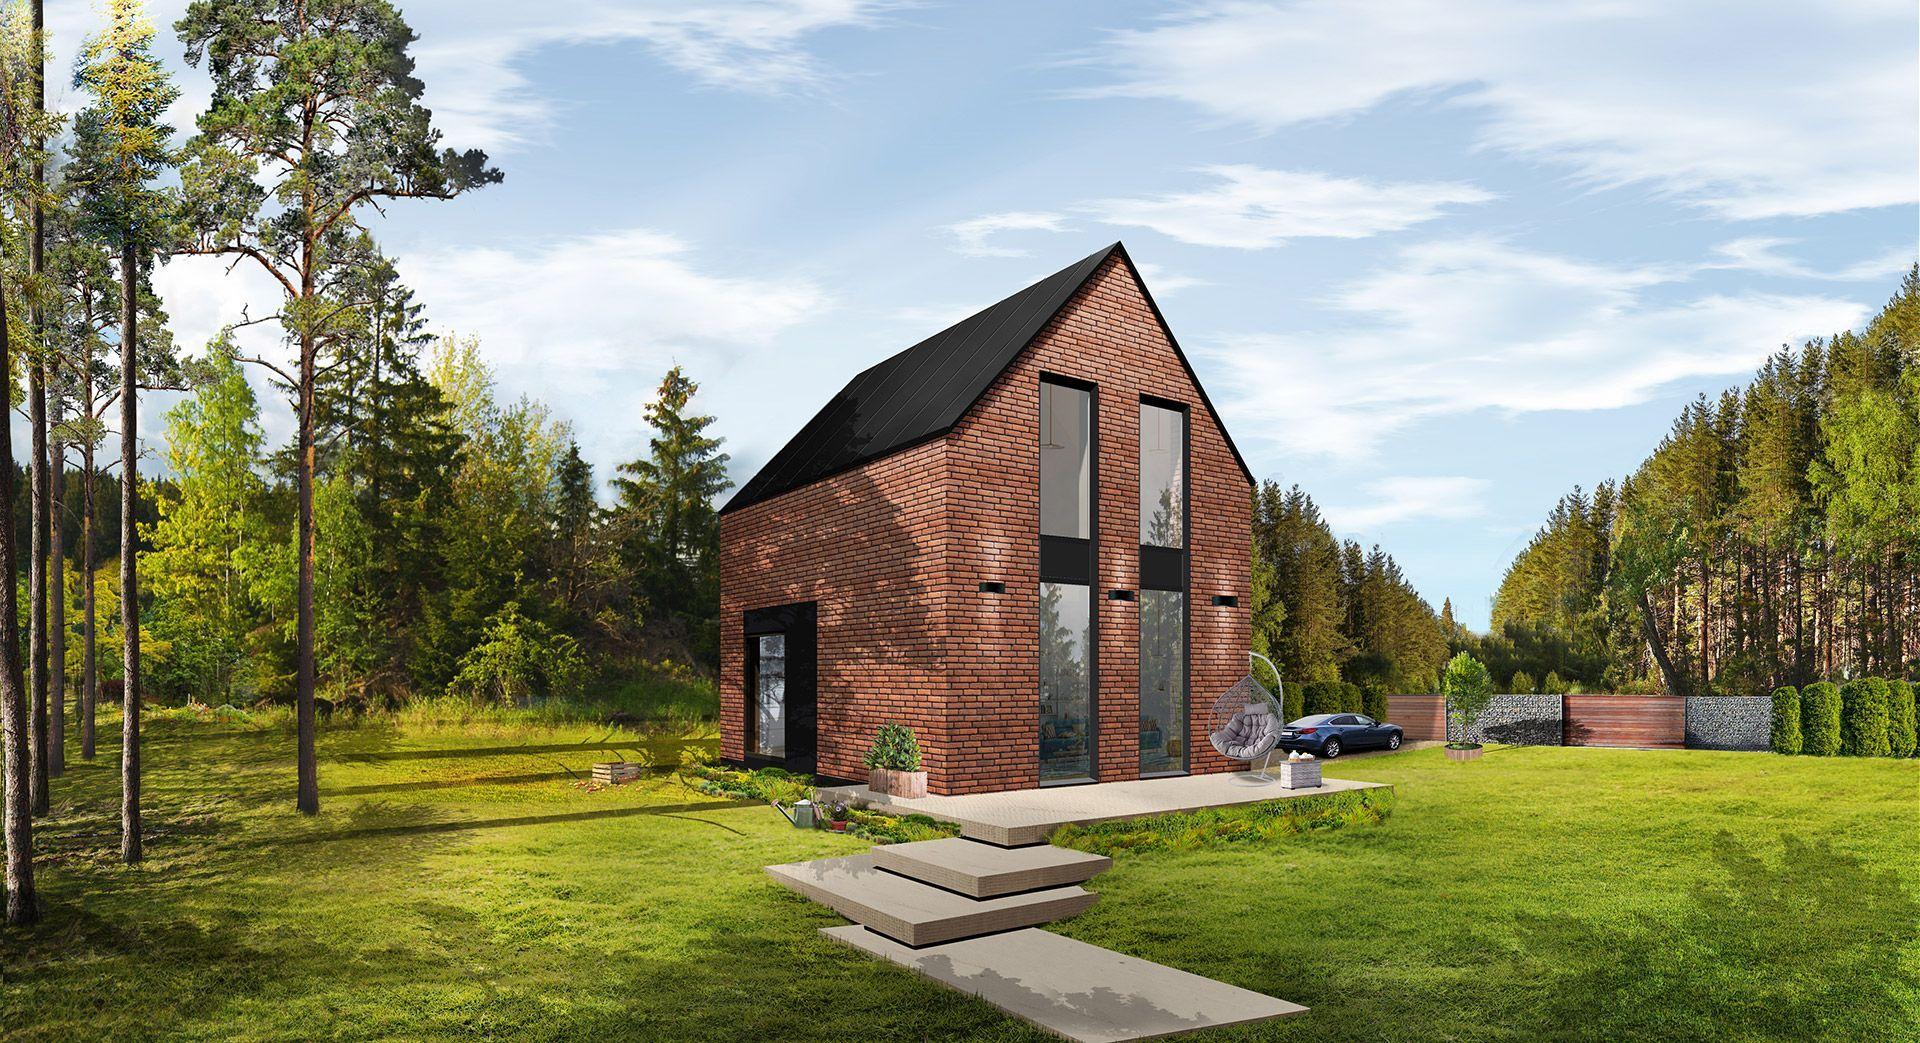 Modułowy dom Boxi1, z piętrem. Powierzchnia: 35 m2. Autorzy projektu: Contibox.pl